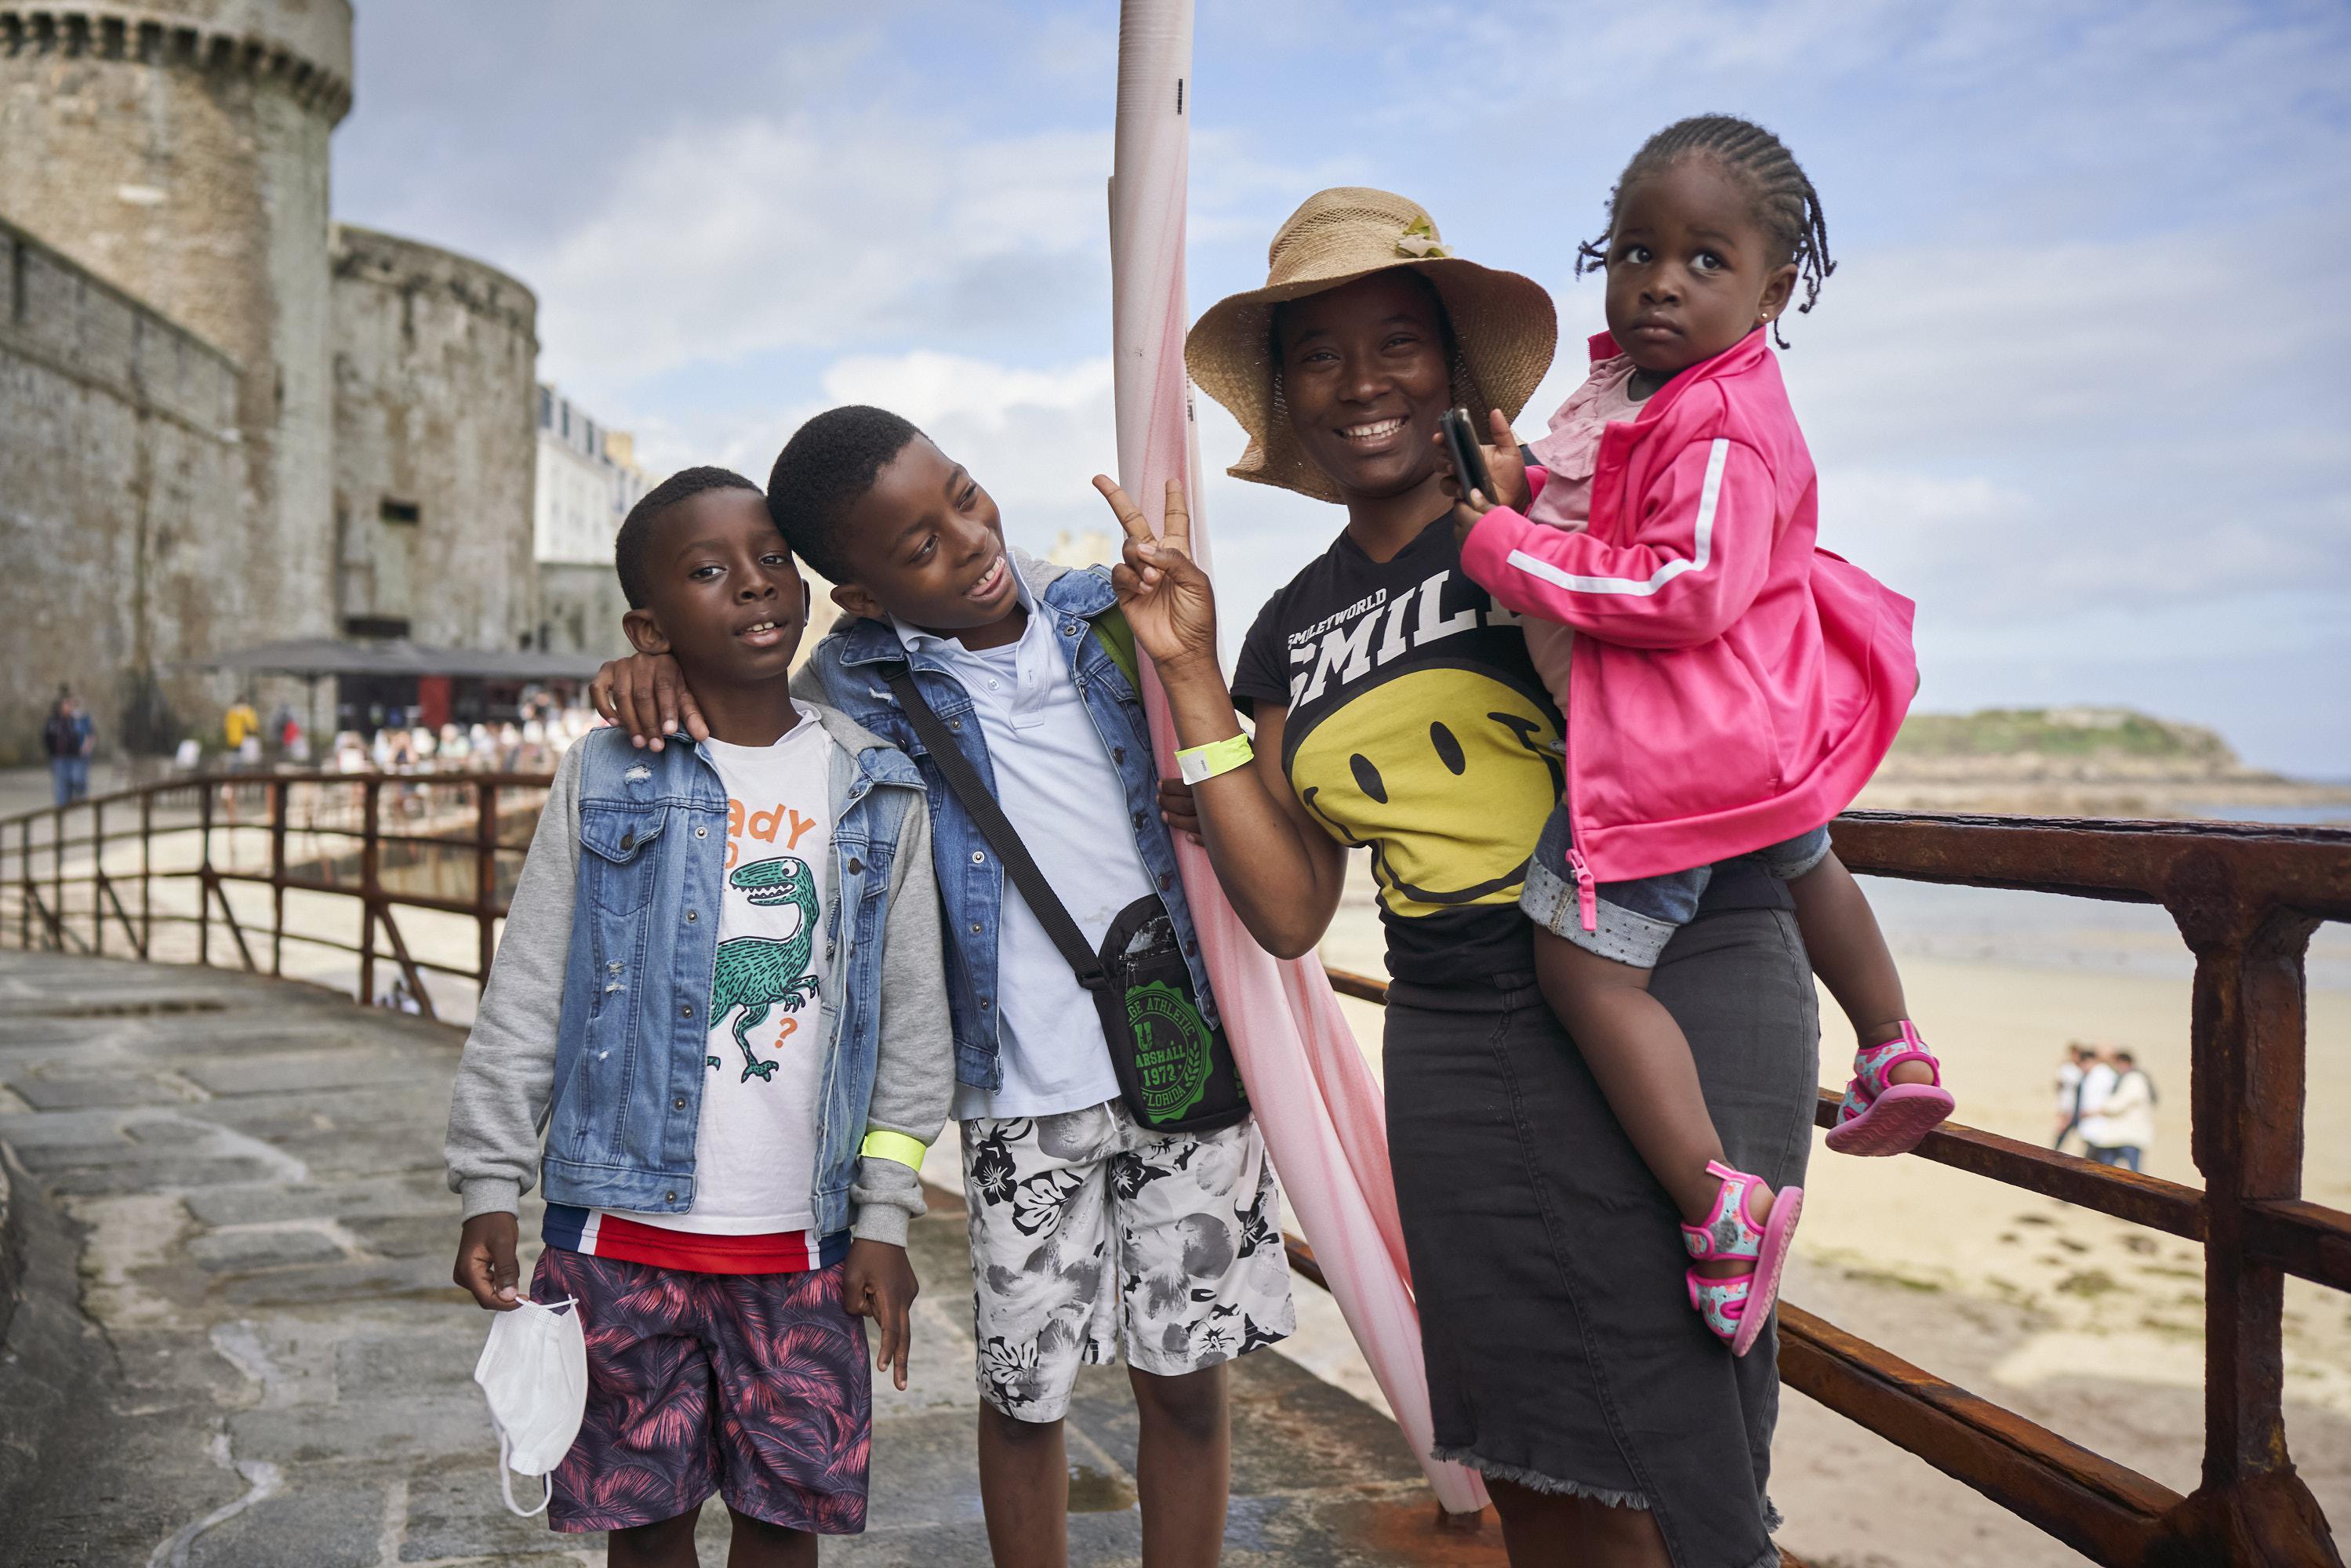 La parenthèse de Saint-Malo a mis la famille de Neid de bonne humeur, après une année difficile. Pedro (au milieu) attendait avec impatience une glace à l'italienne.